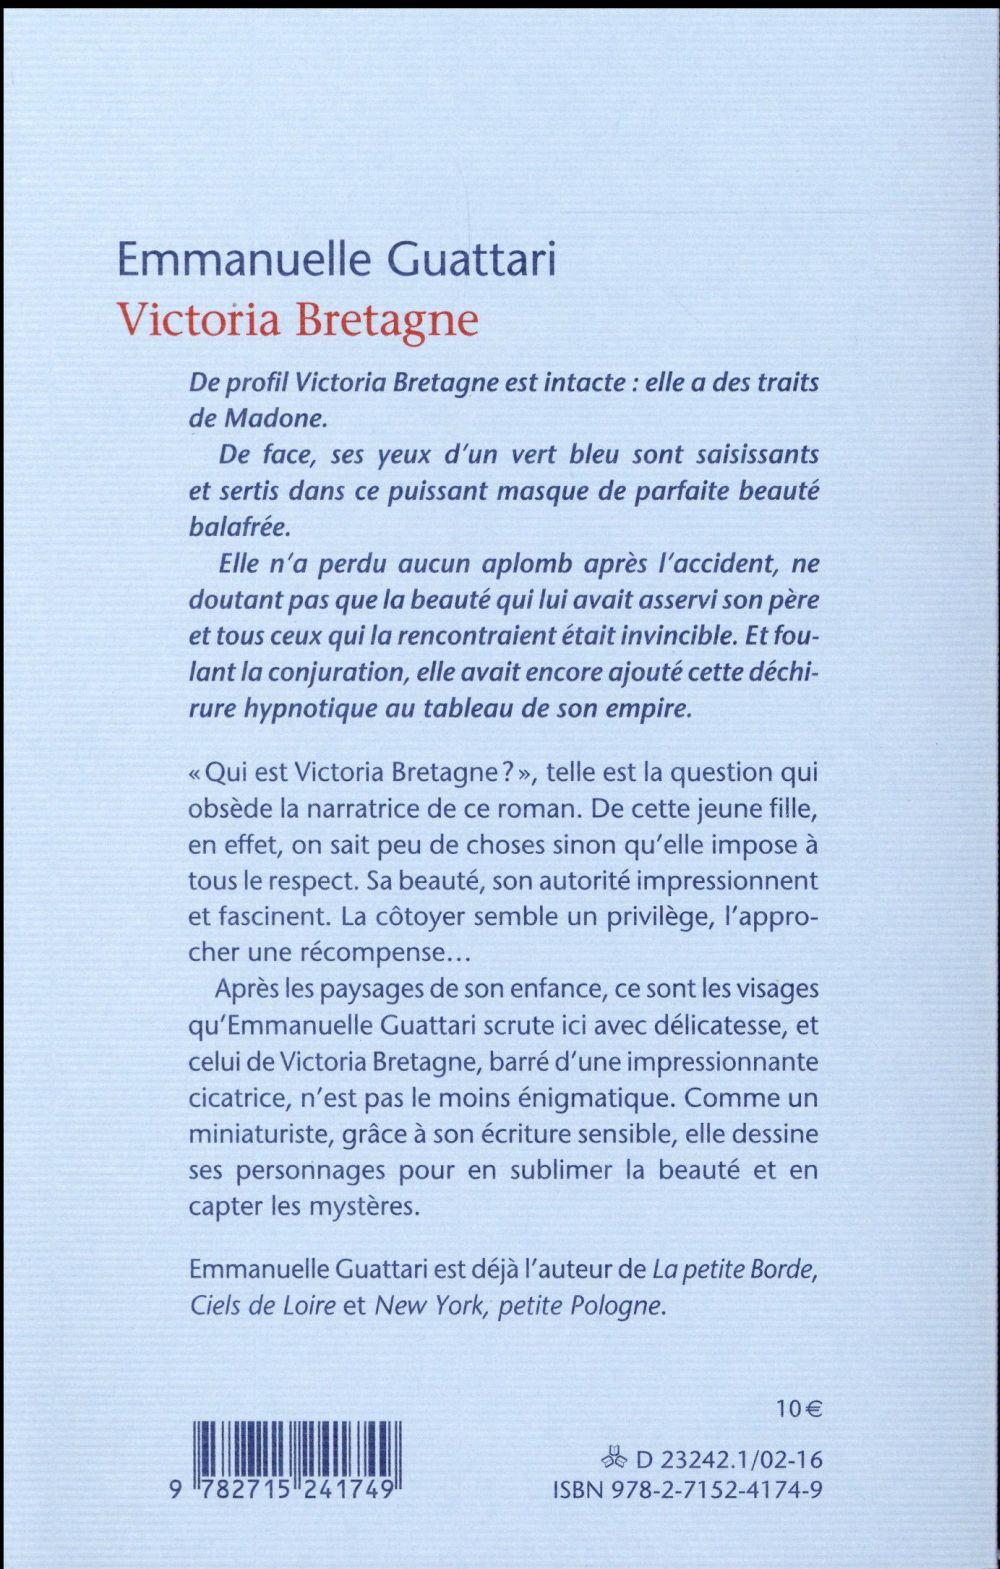 Victoria Bretagne